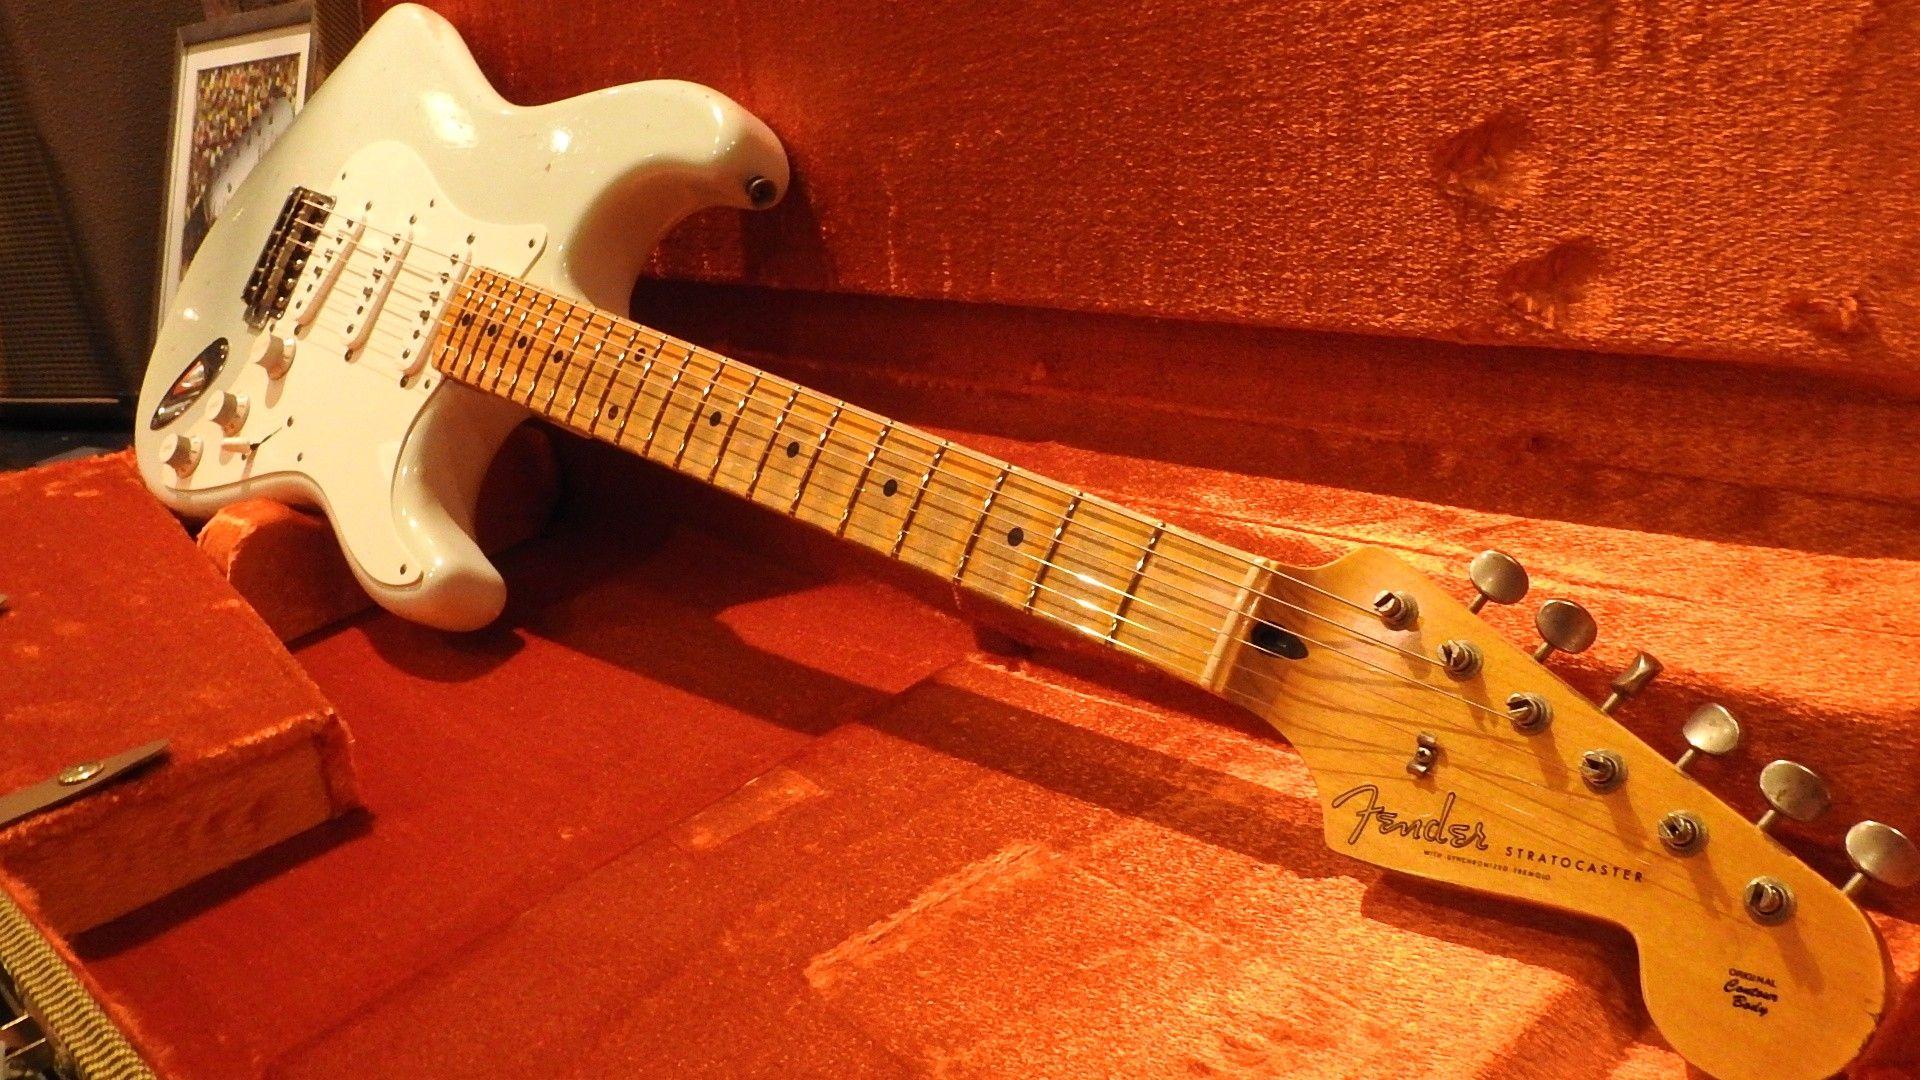 Fender Guitar, Image